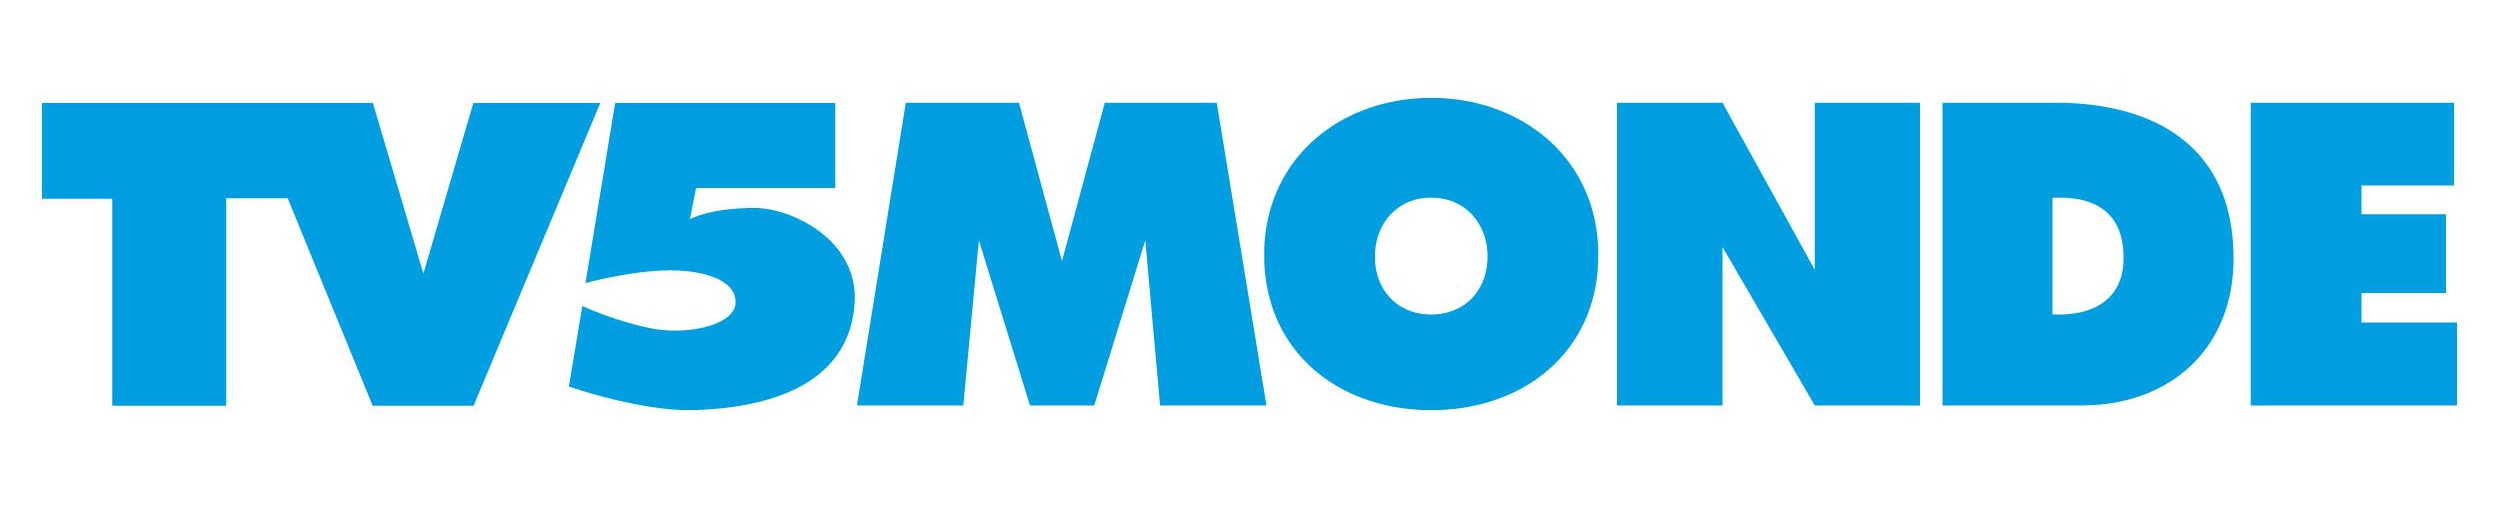 tv5 monde logo